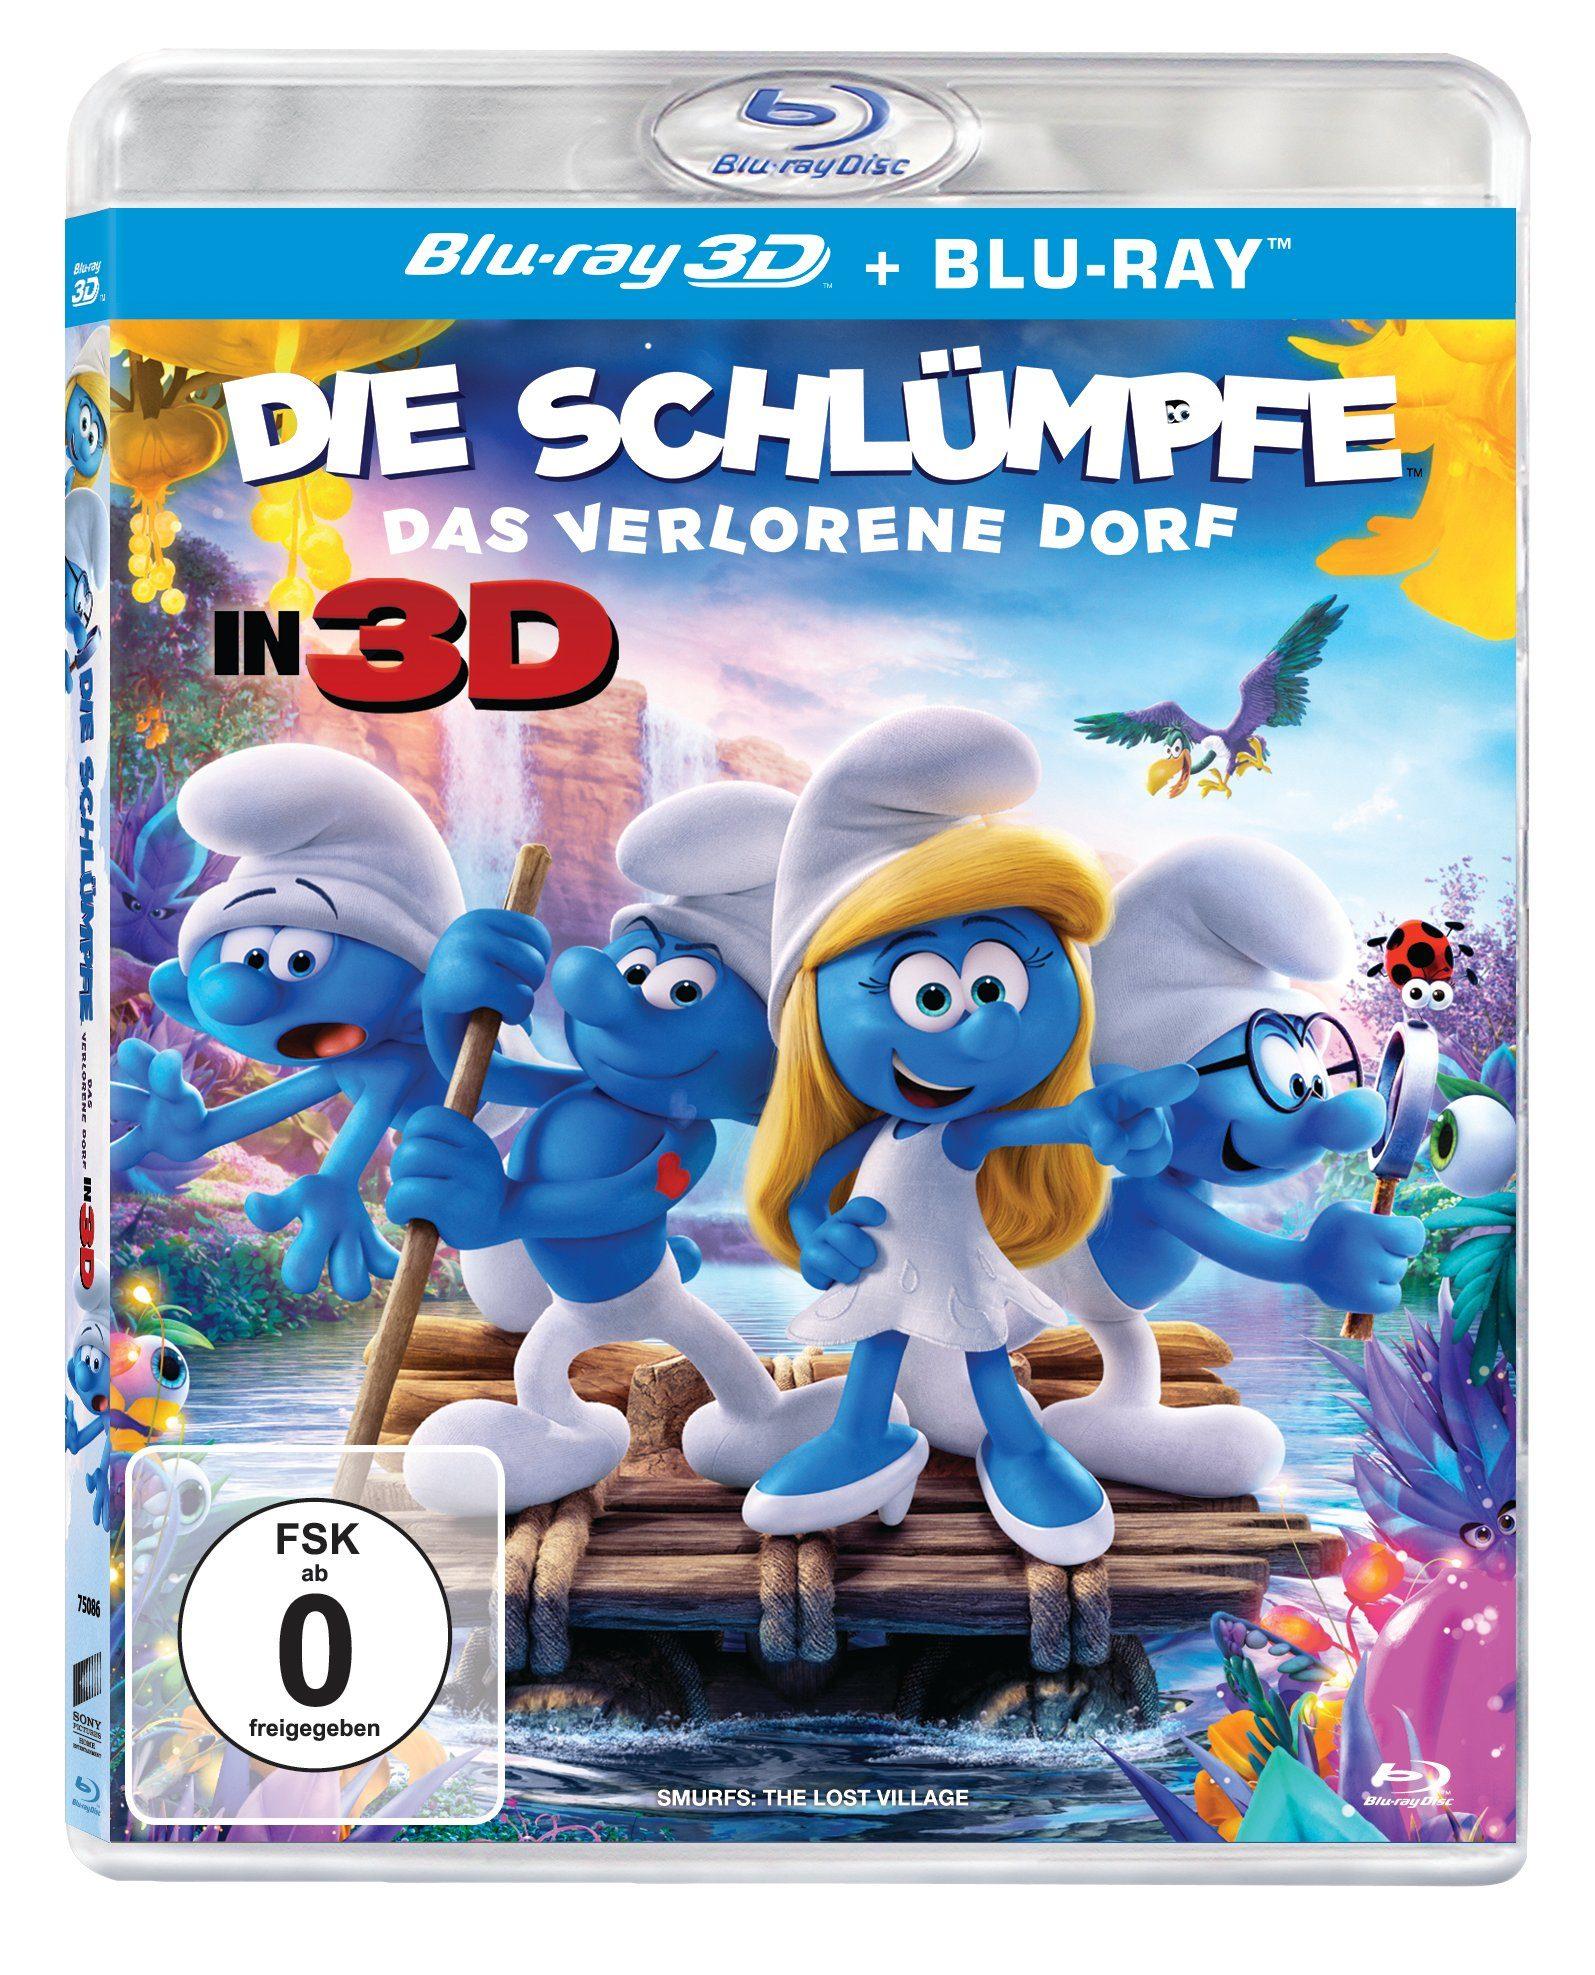 Sony Pictures Blu-ray »Die Schlümpfe - Das verlorene Dorf 3D«